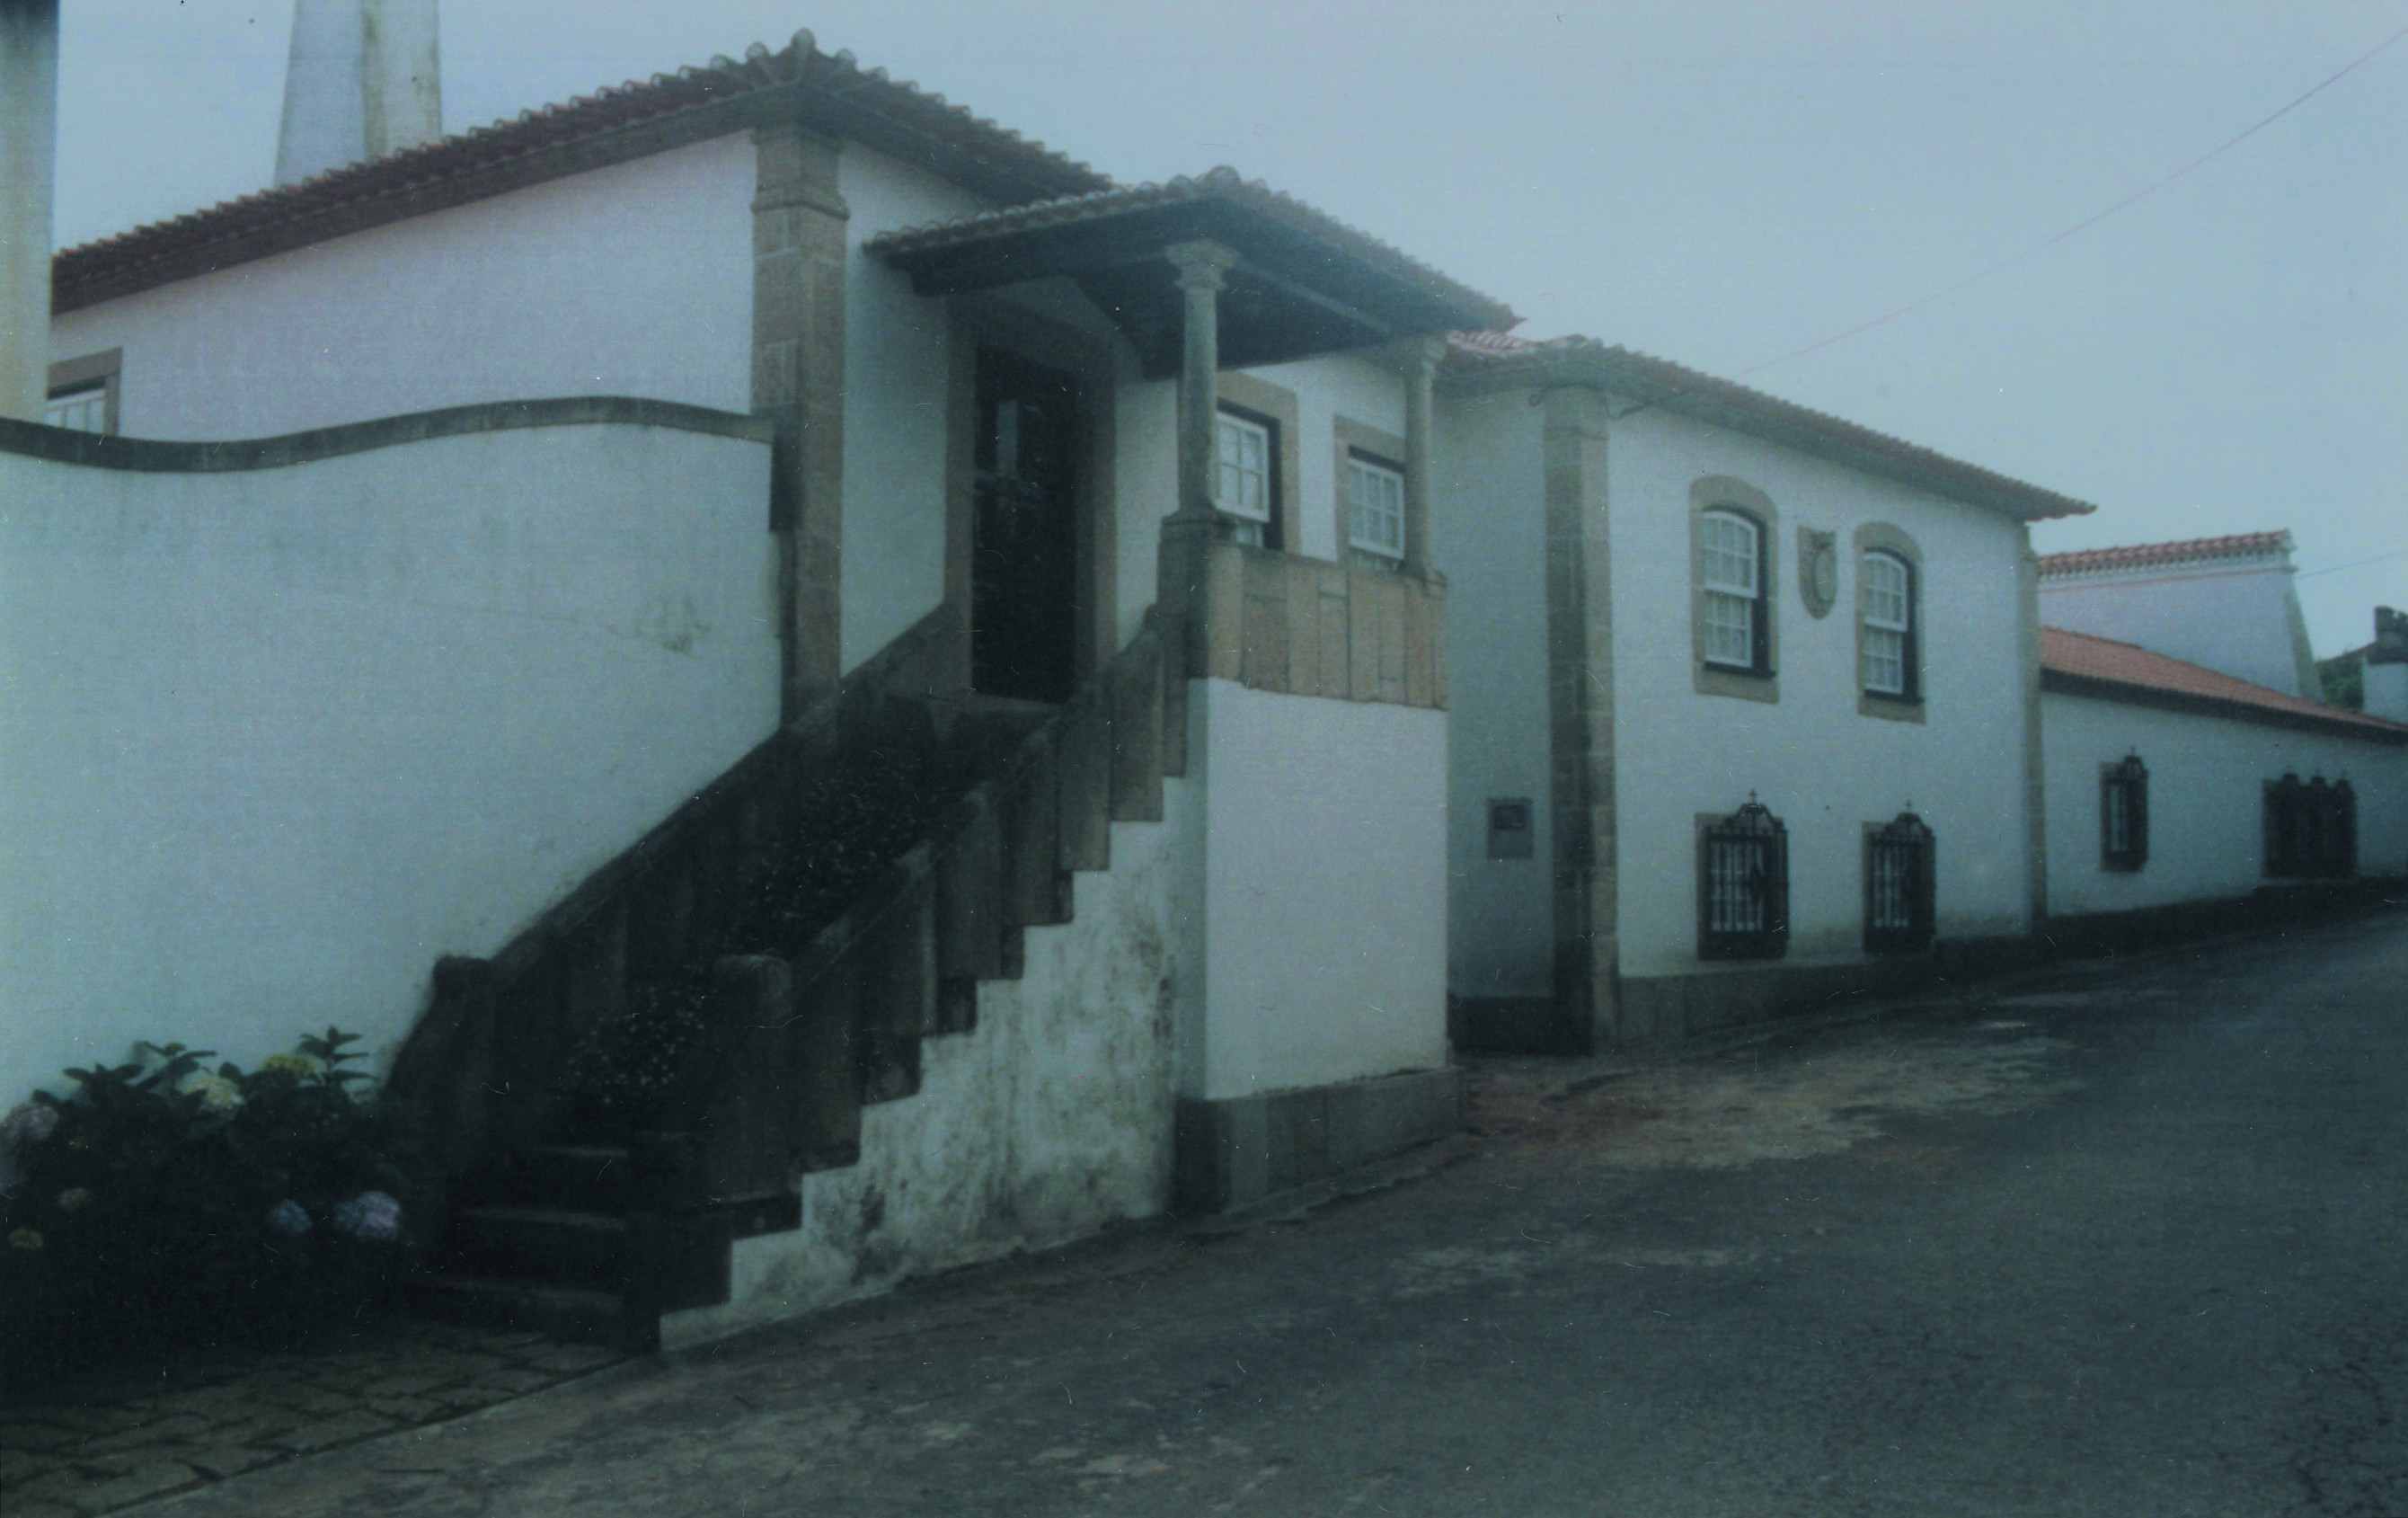 Casa de Sebastião Corte Real, Pinheiro da Bemposta (1998)